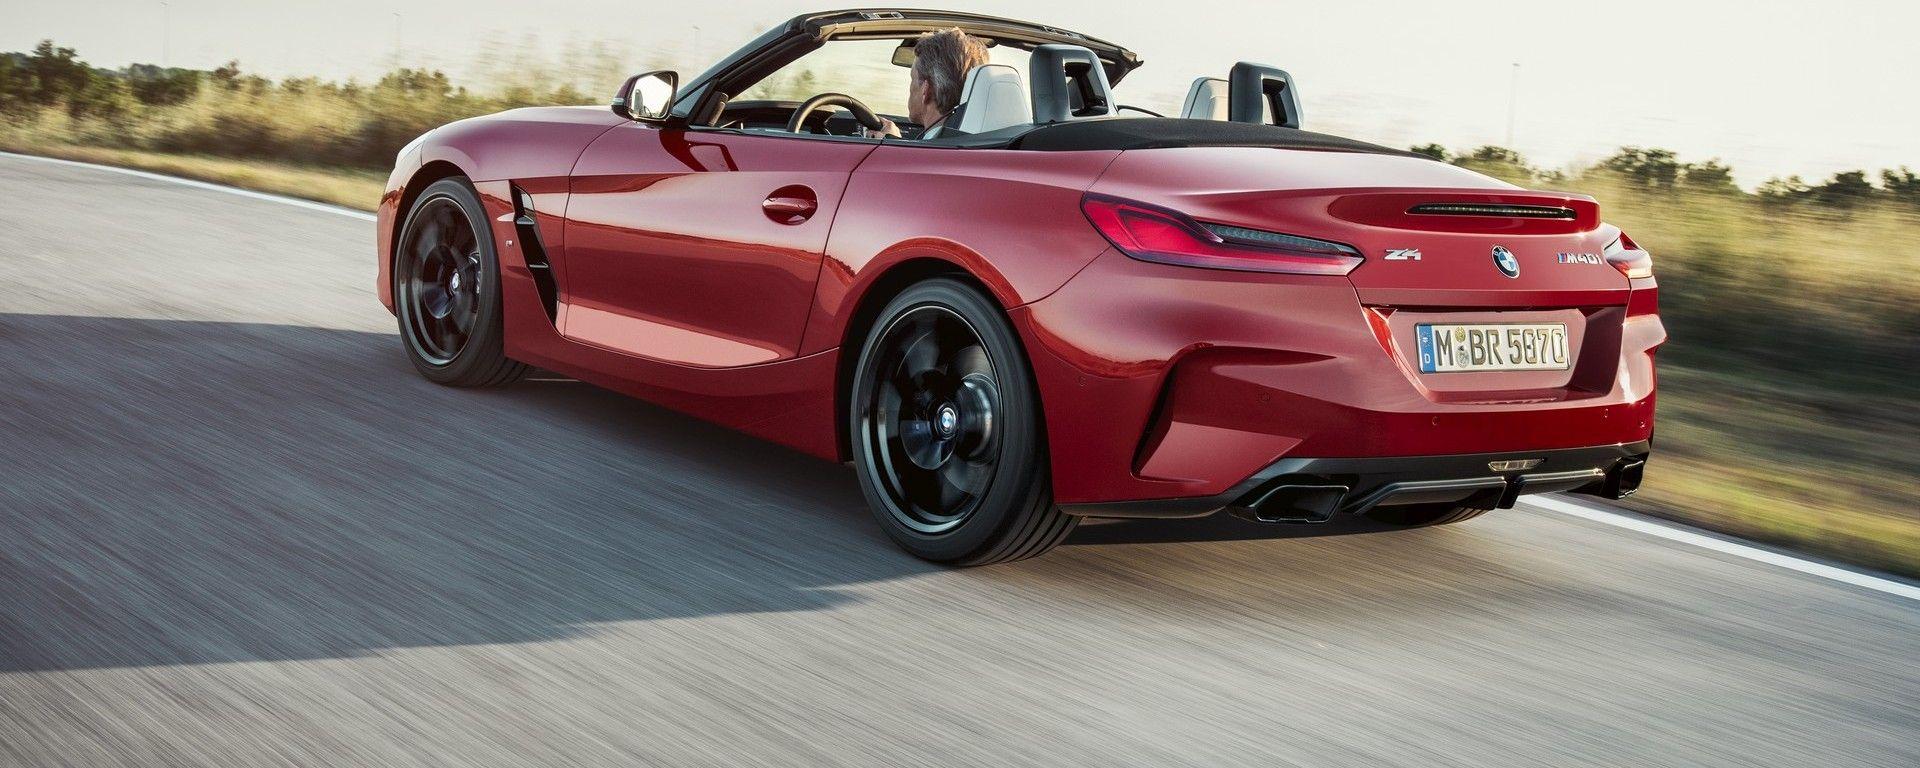 Presentata a Pebble Beach 2018 la nuova BMW Z4